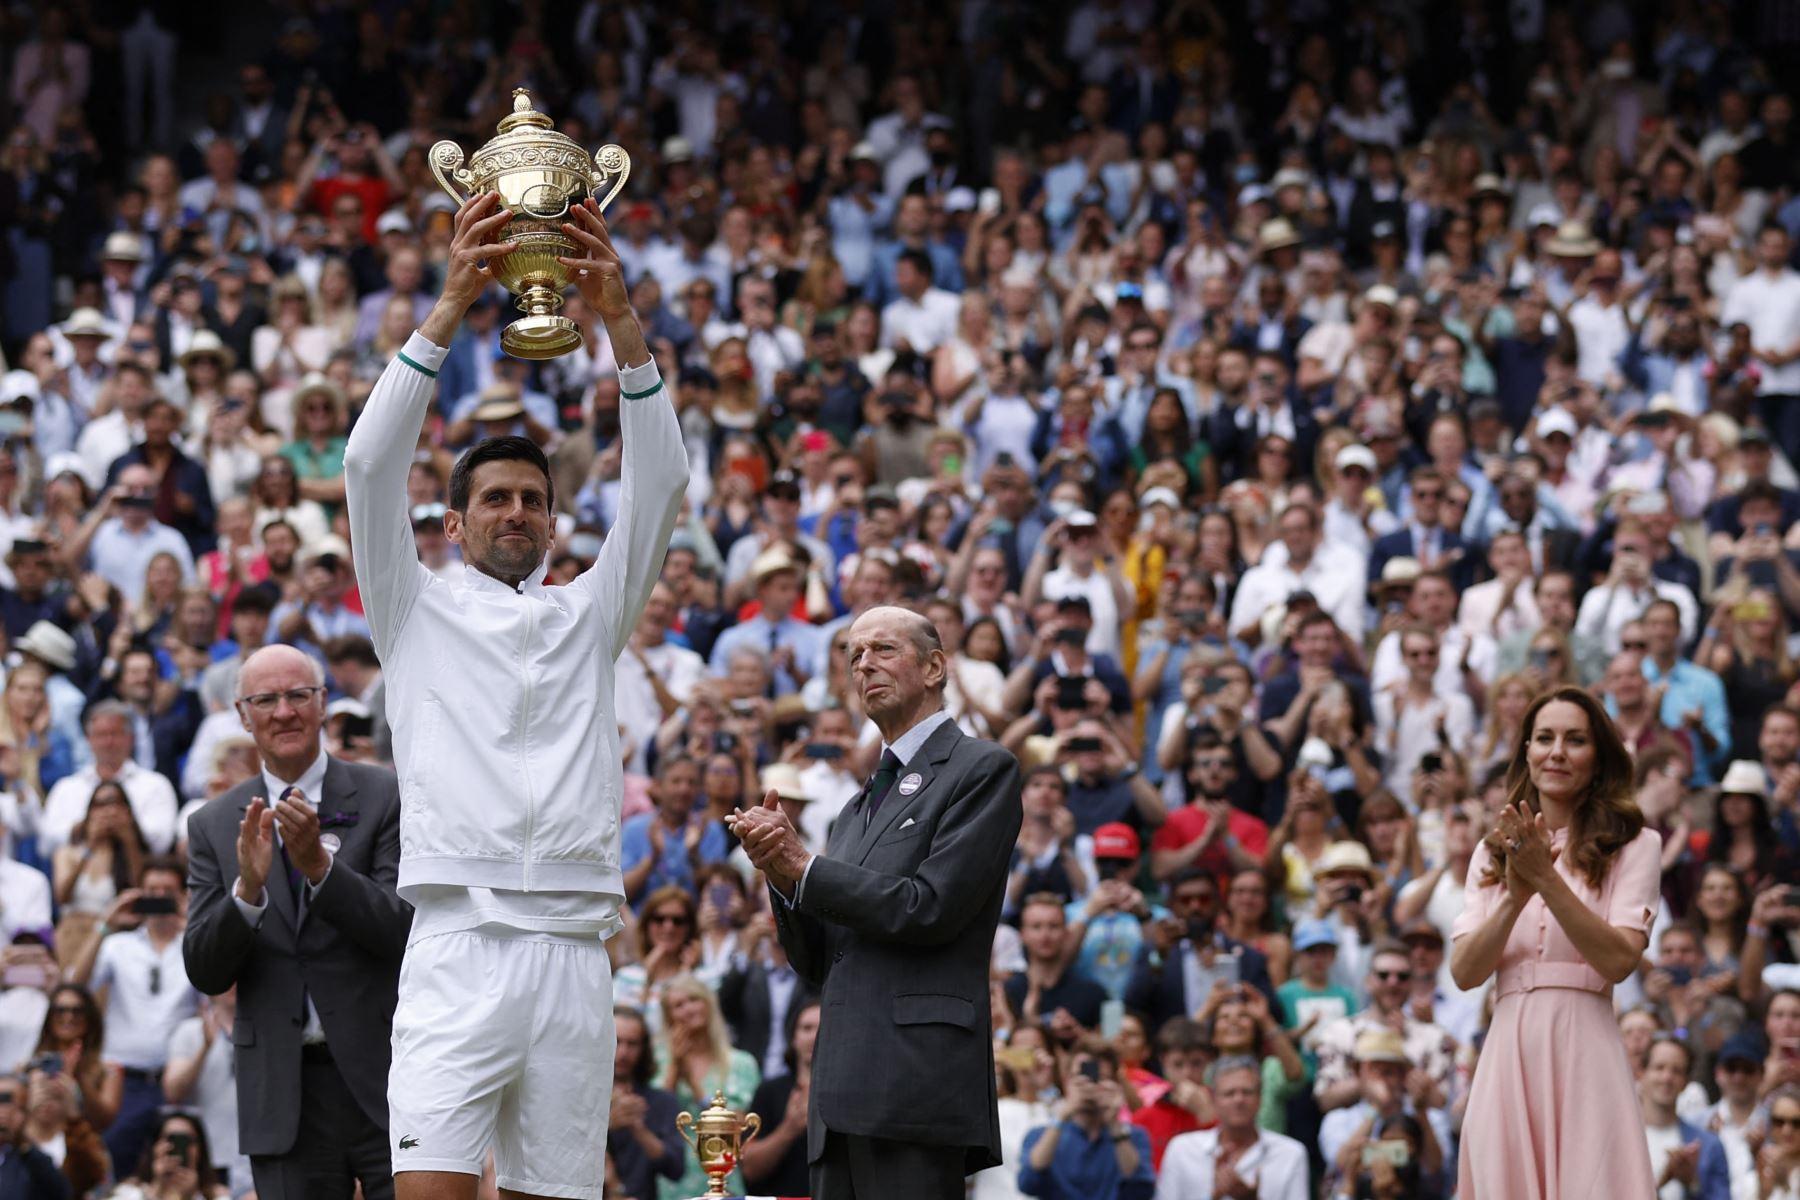 El serbio Novak Djokovic, con la británica Catherine , duquesa de Cambridge, sostiene el trofeo de ganador después de vencer al italiano Matteo Berrettini durante el partido final de individuales masculinos en el decimotercer día del Campeonato de Wimbledon 2021. Foto: AFP